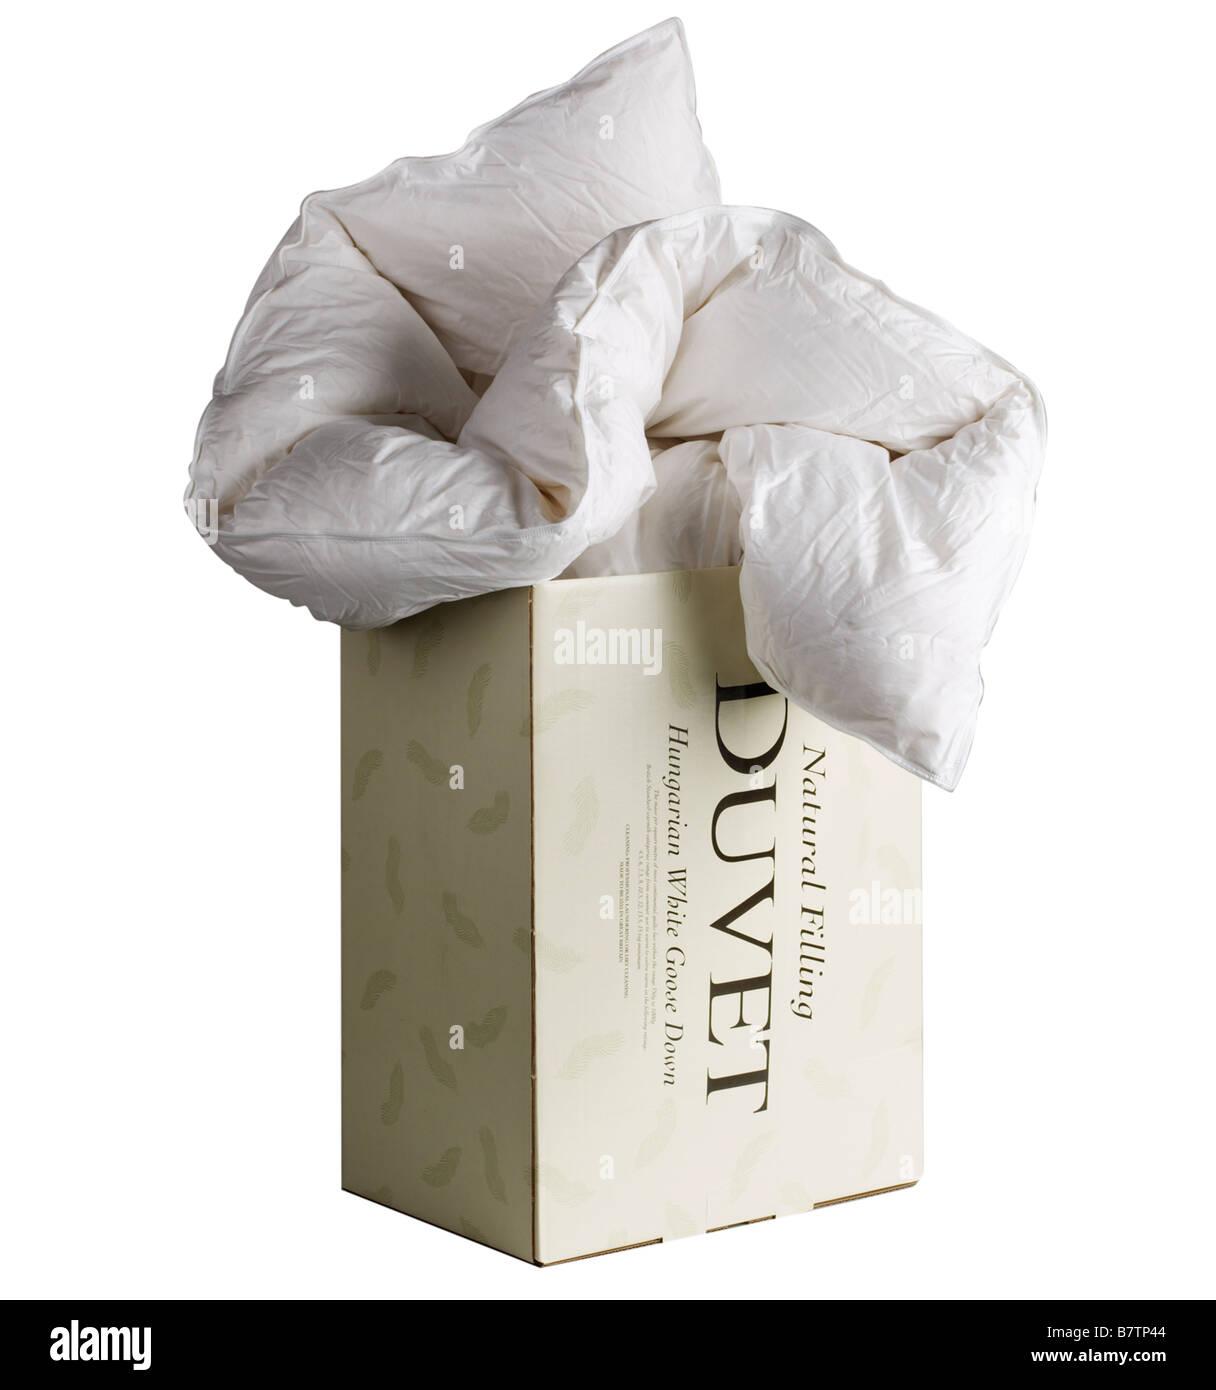 Duvet - Stock Image